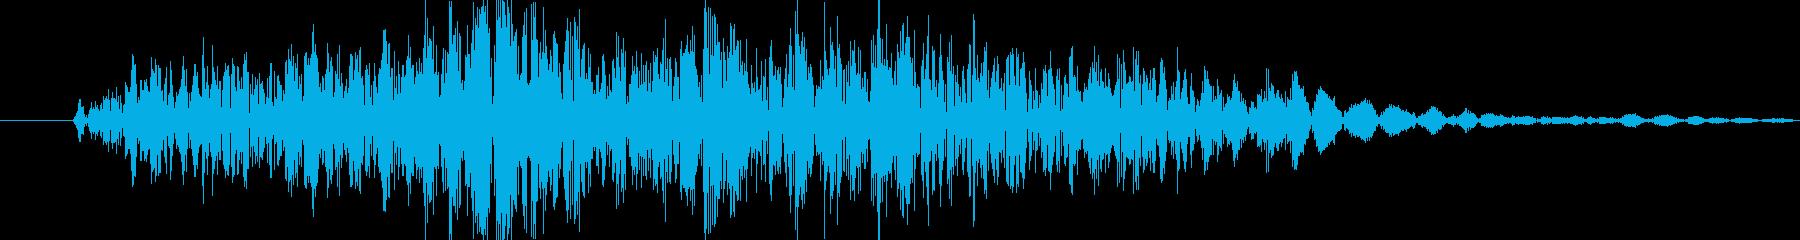 パンチやキックに最適な打撃音!05hの再生済みの波形